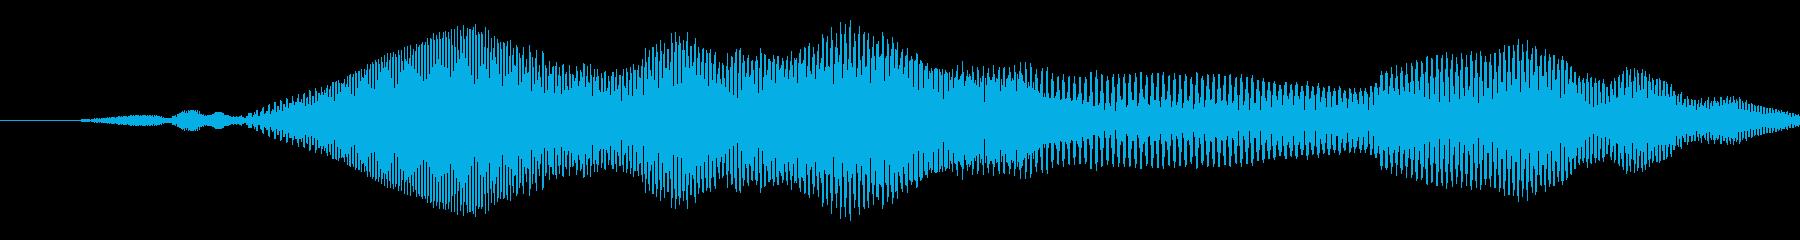 漫画スライドwhiがポップアップの再生済みの波形